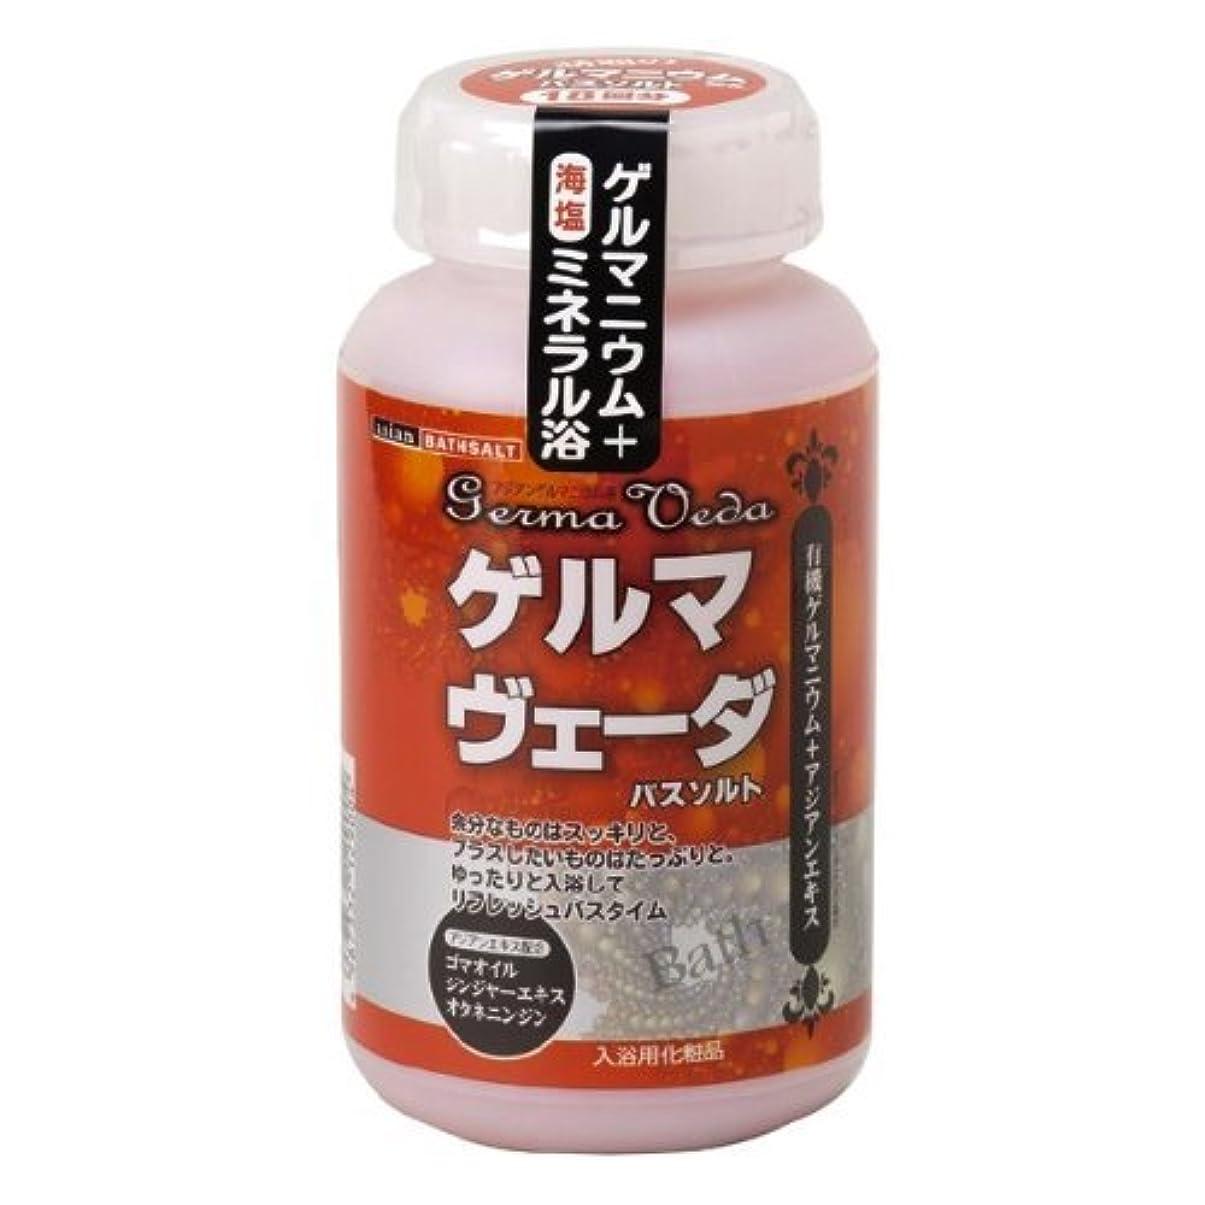 形状気分が悪い方向ゲルマヴェーダボトルタイプ630g 【ゲルマニウム粉末入浴剤】B22バスソルト